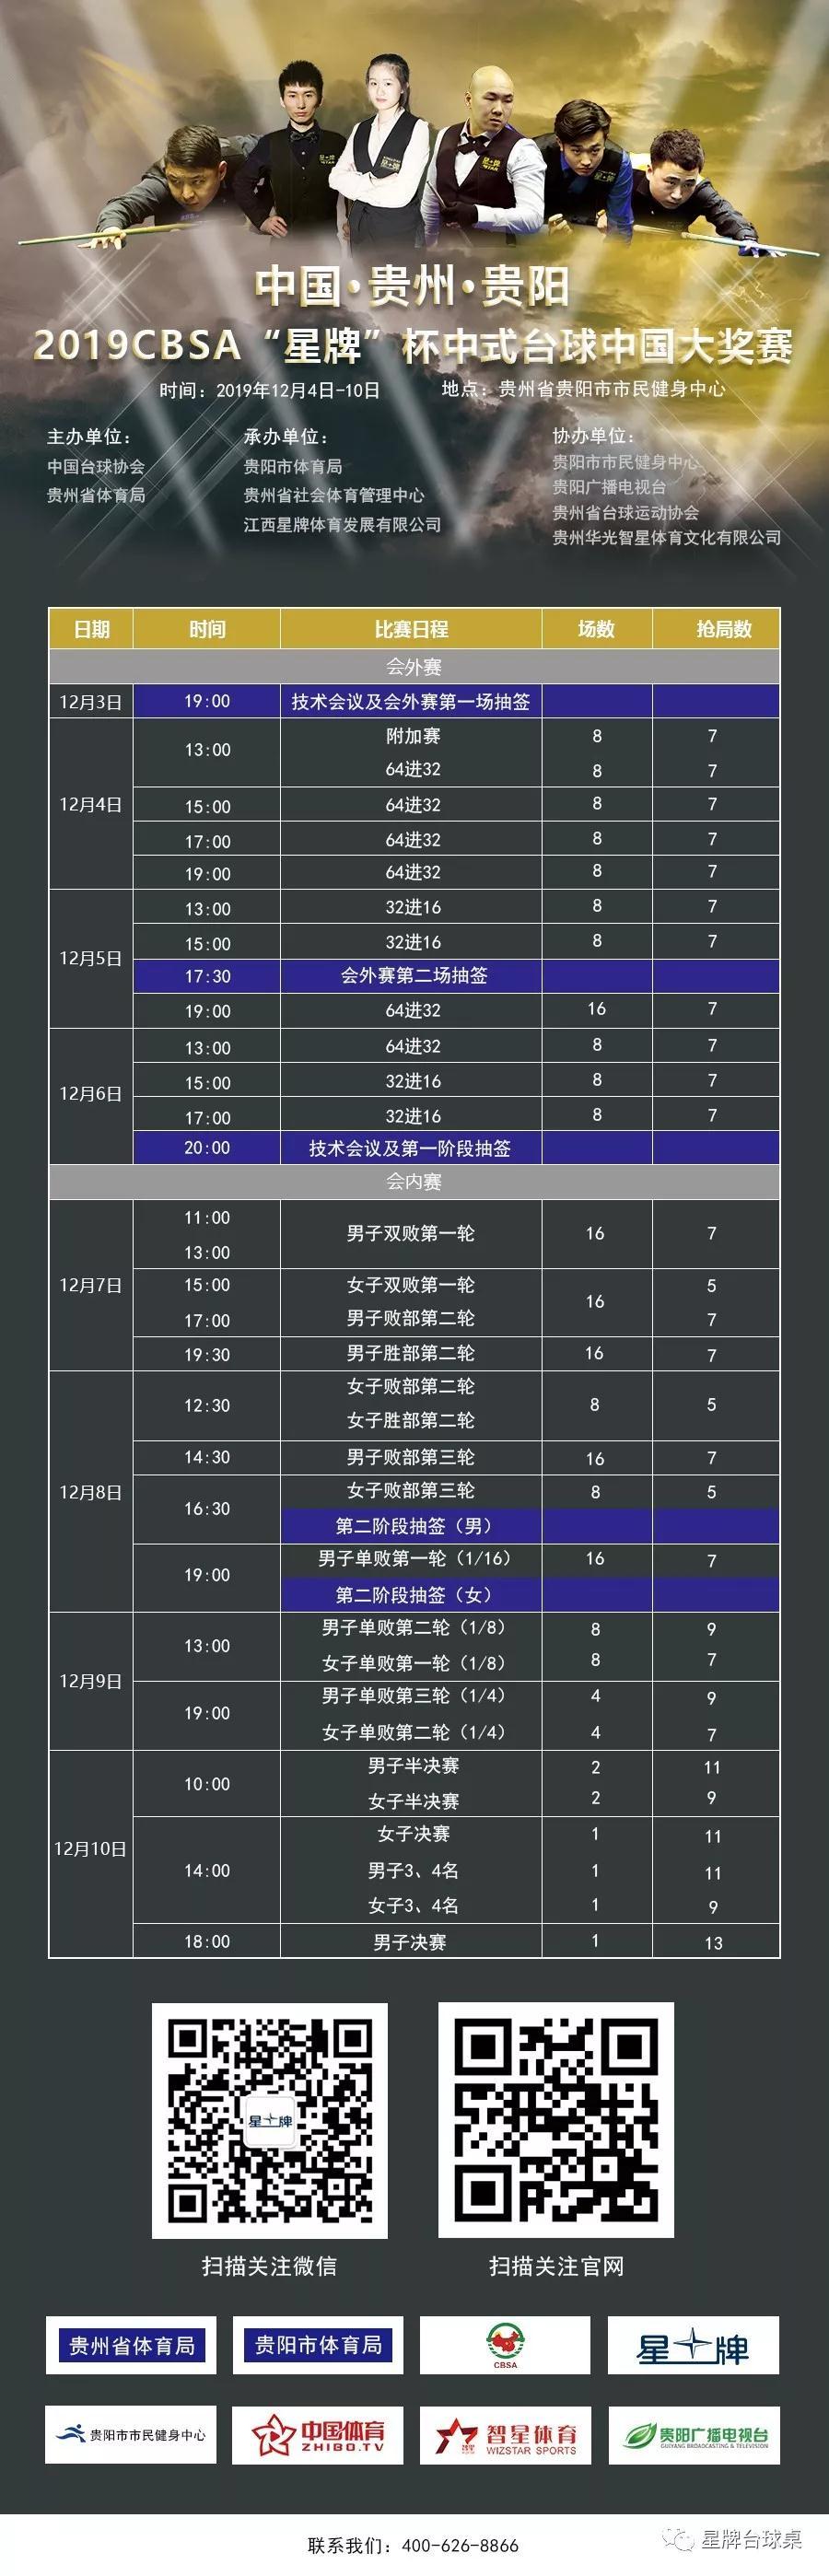 """贵阳2019CBSA""""星牌""""杯中式台球中国大奖赛赛程时间表"""